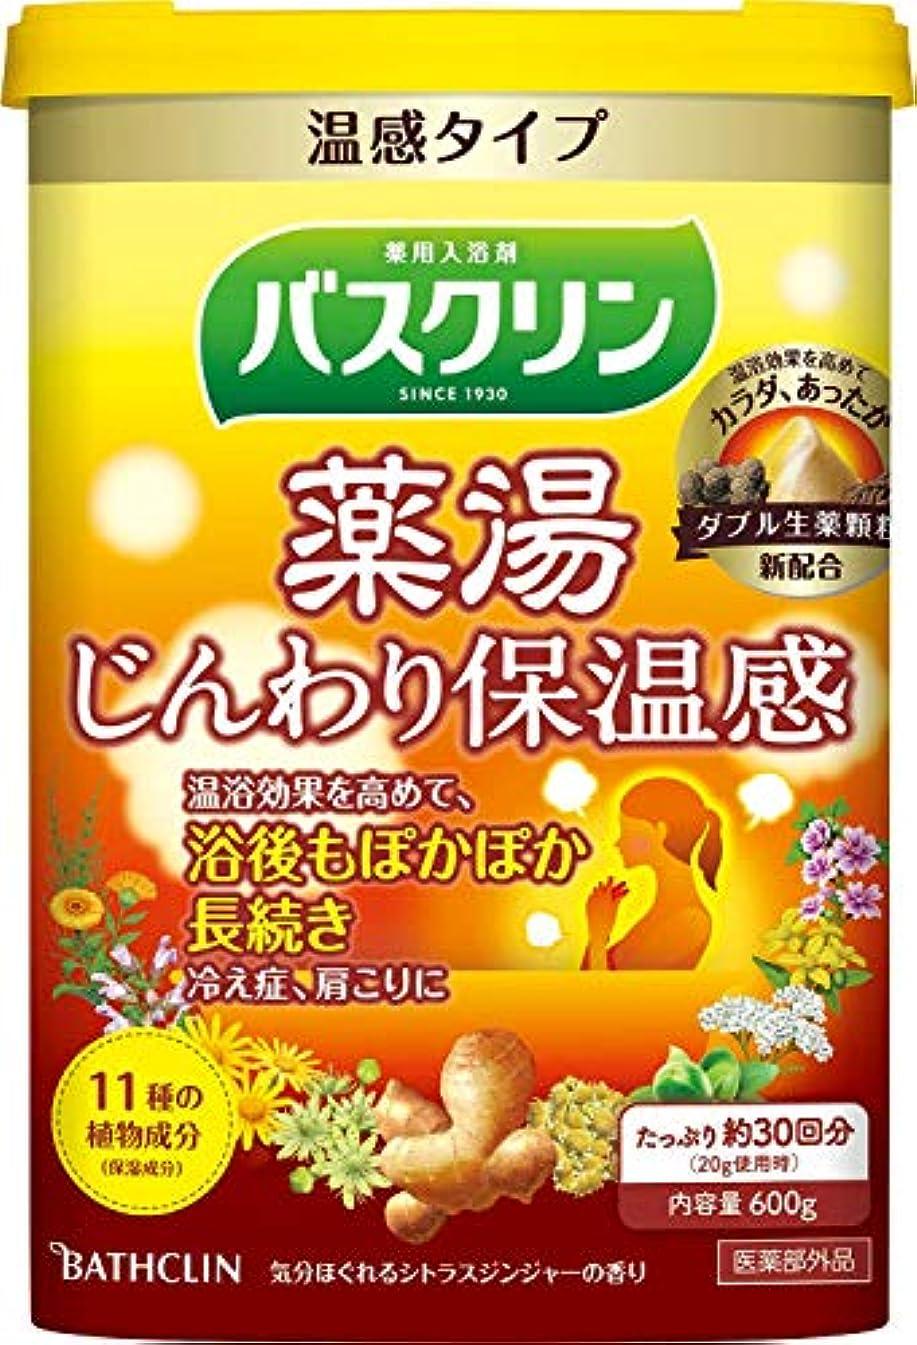 【医薬部外品】バスクリン薬湯入浴剤 じんわり保温感600g(約30回分) 疲労回復